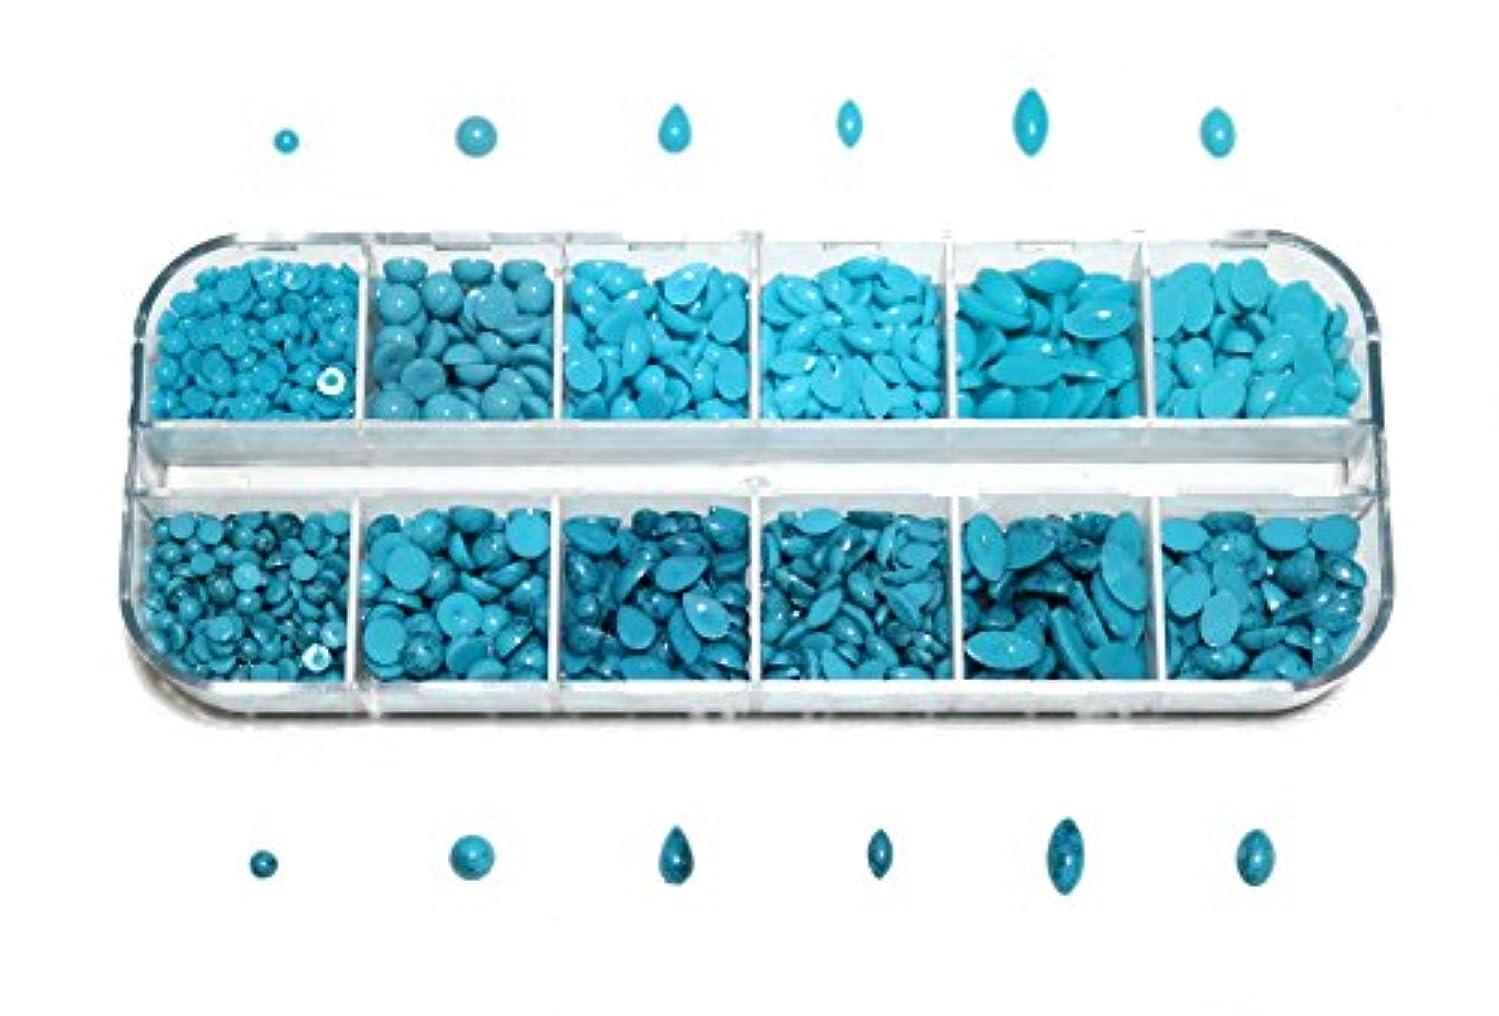 ミッション約束する穿孔する【jewel】sk3 アソート ターコイズ マーブル柄&プレーンSET 大容量 約1500粒 ネイルアート & レジン ラインストーン